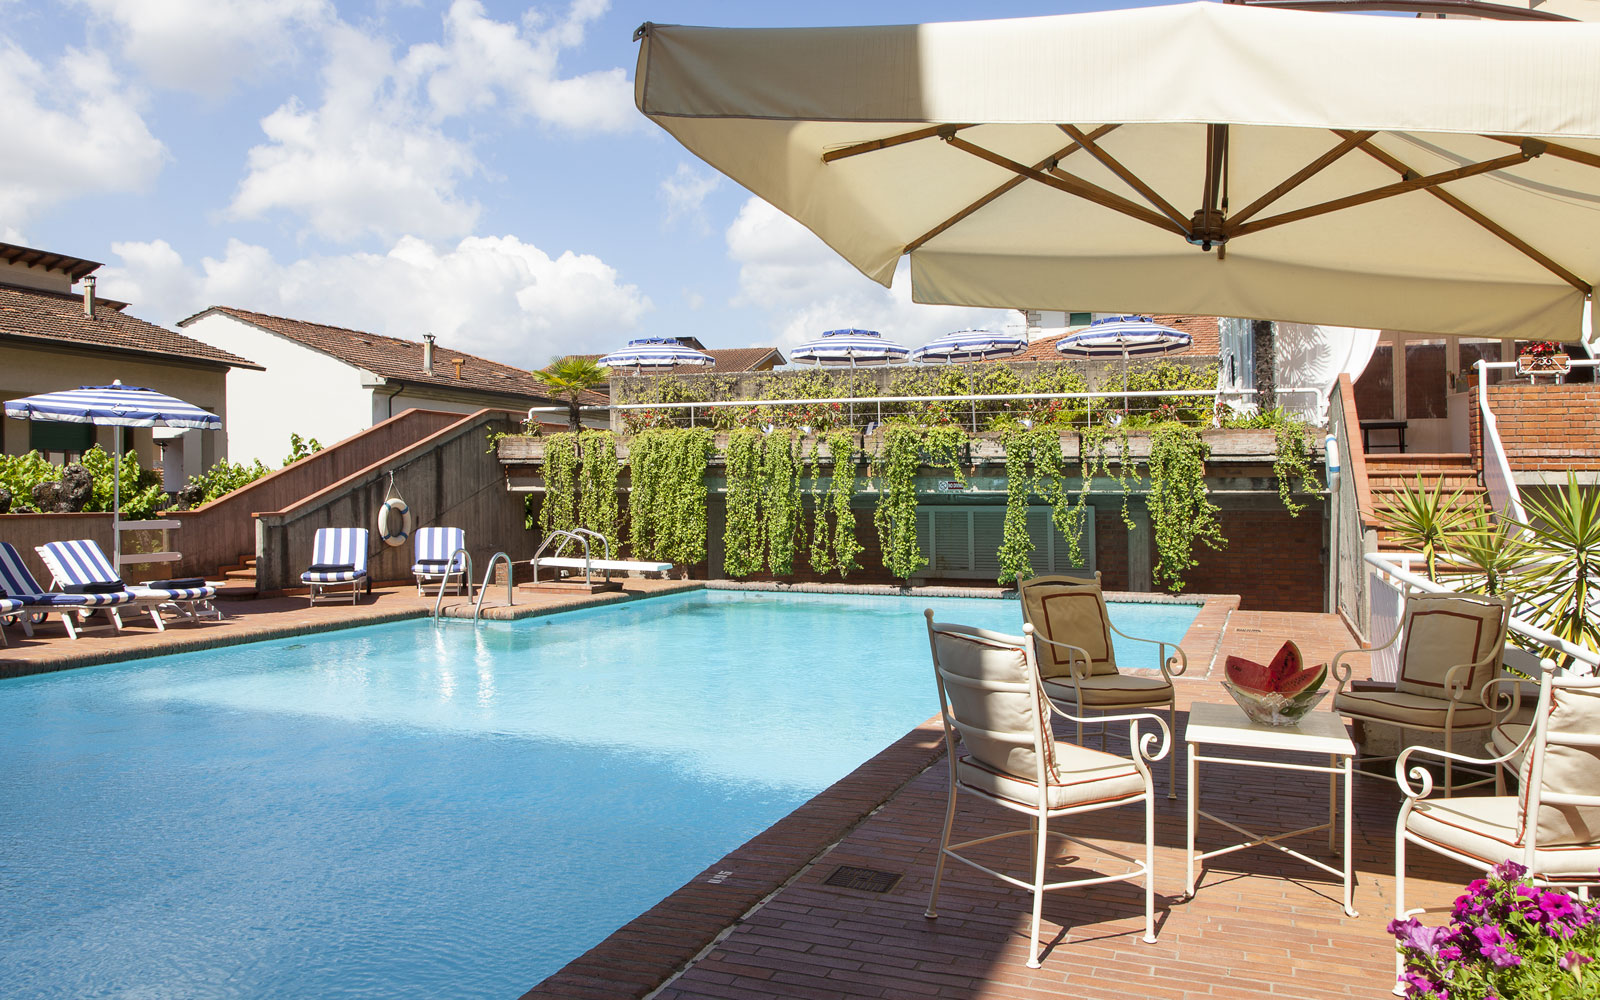 Hotel con piscina a montecatini terme - Piscina monsummano terme ...